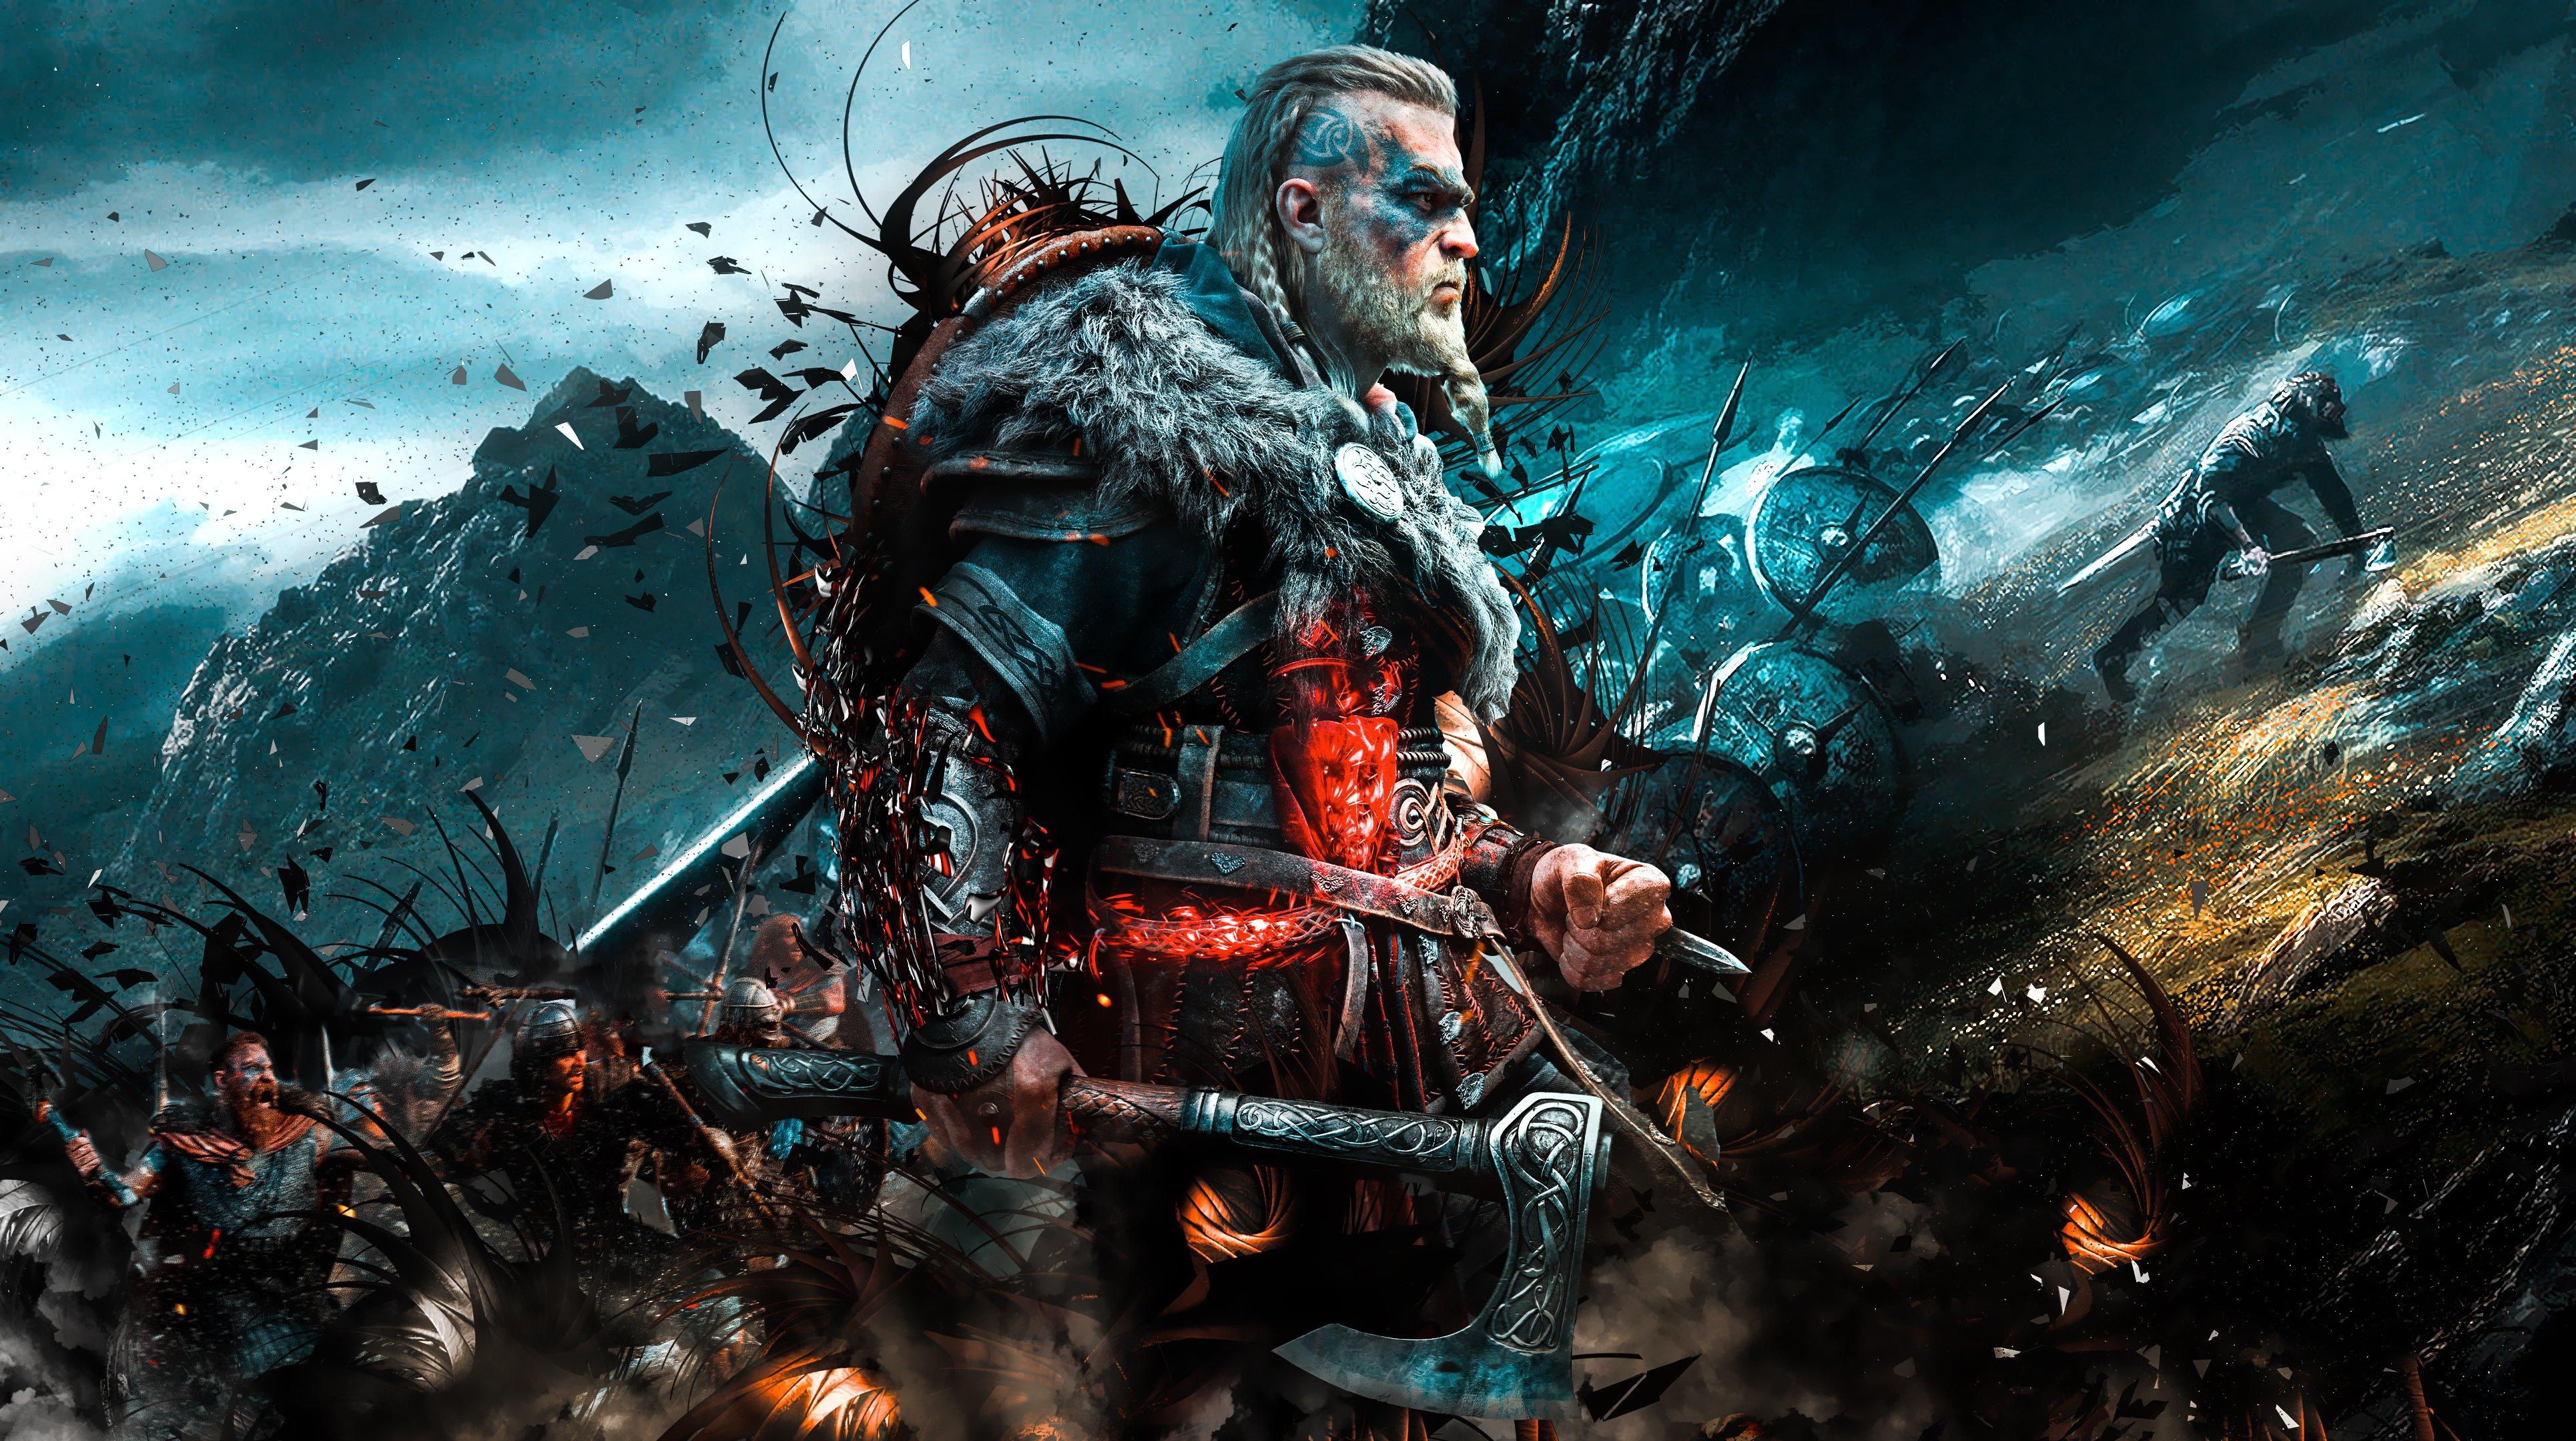 Desktop Wallpapers Assassins Creed viking Battle axes Men 3860x2160 3860x2160